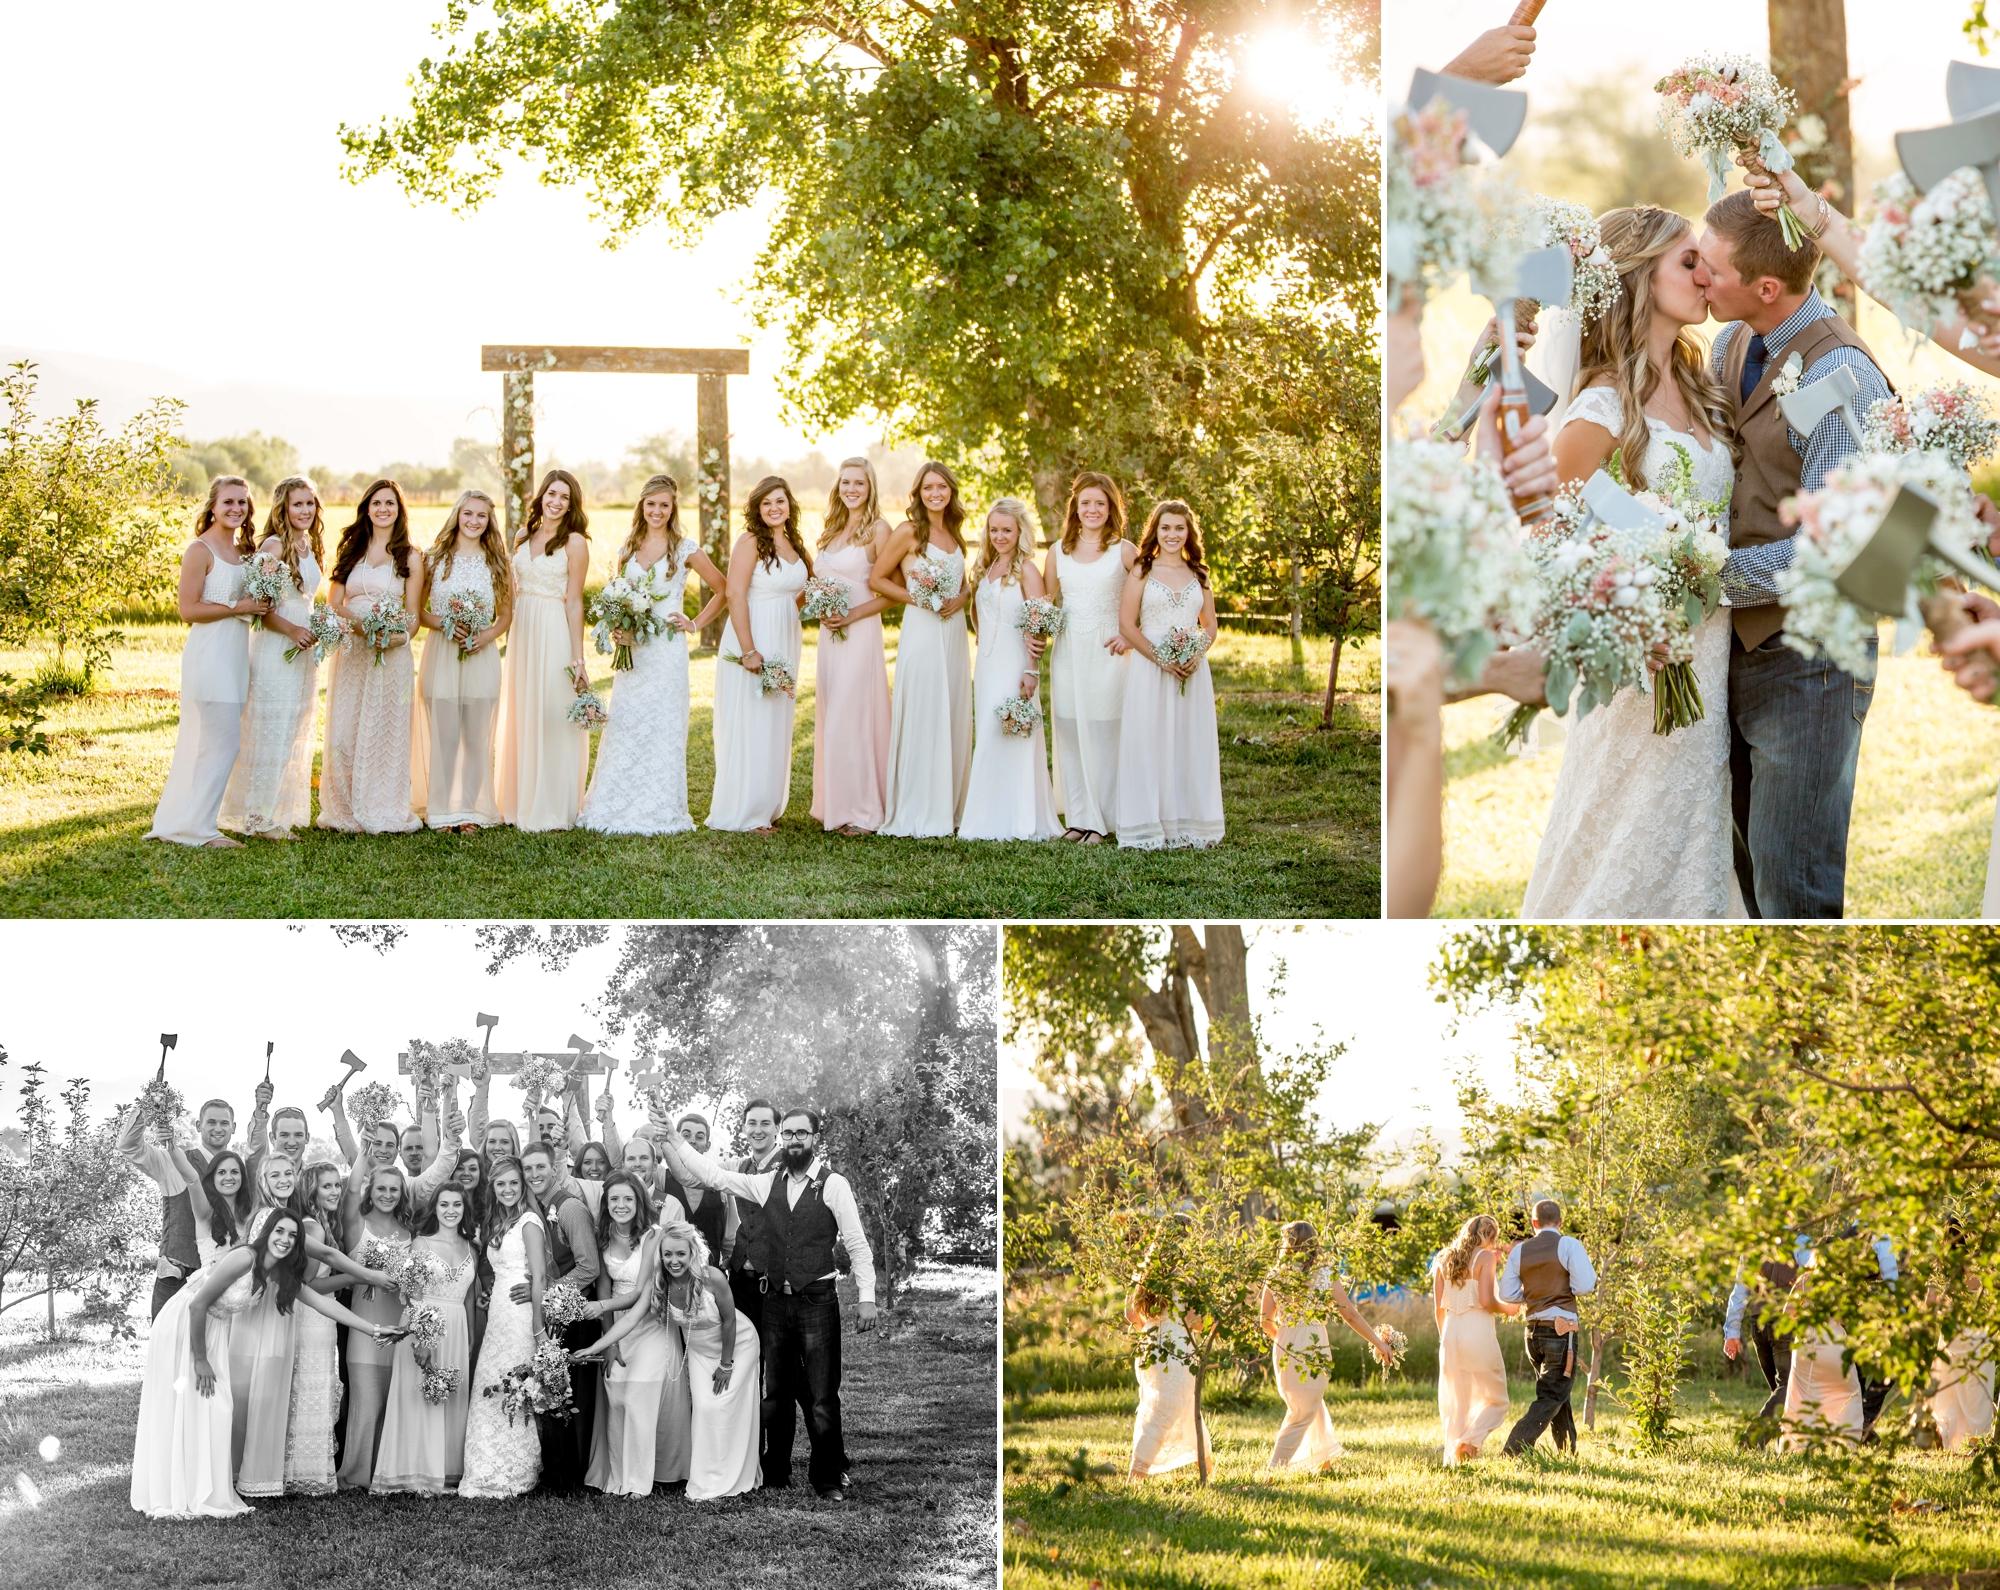 Ya Ya Farm & Orchard - Bridal party